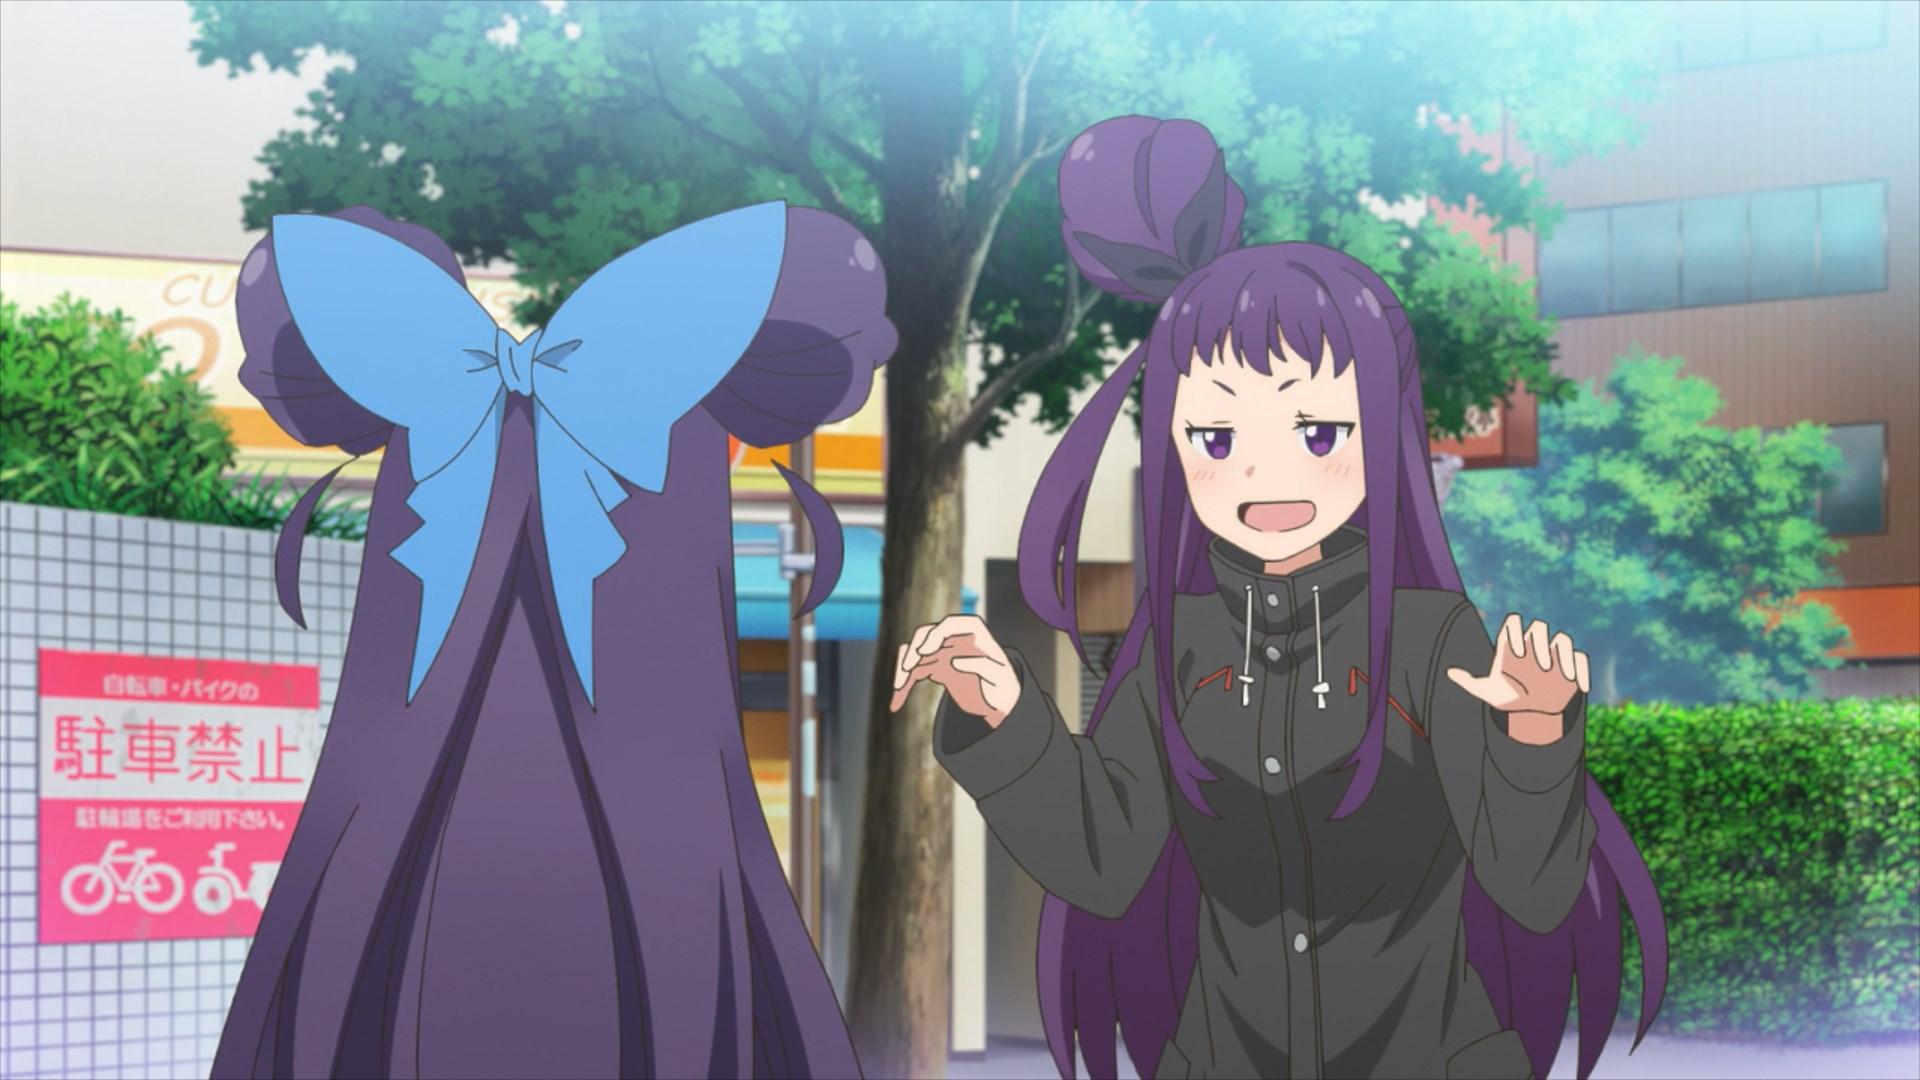 Chiko trying to bribe Roko